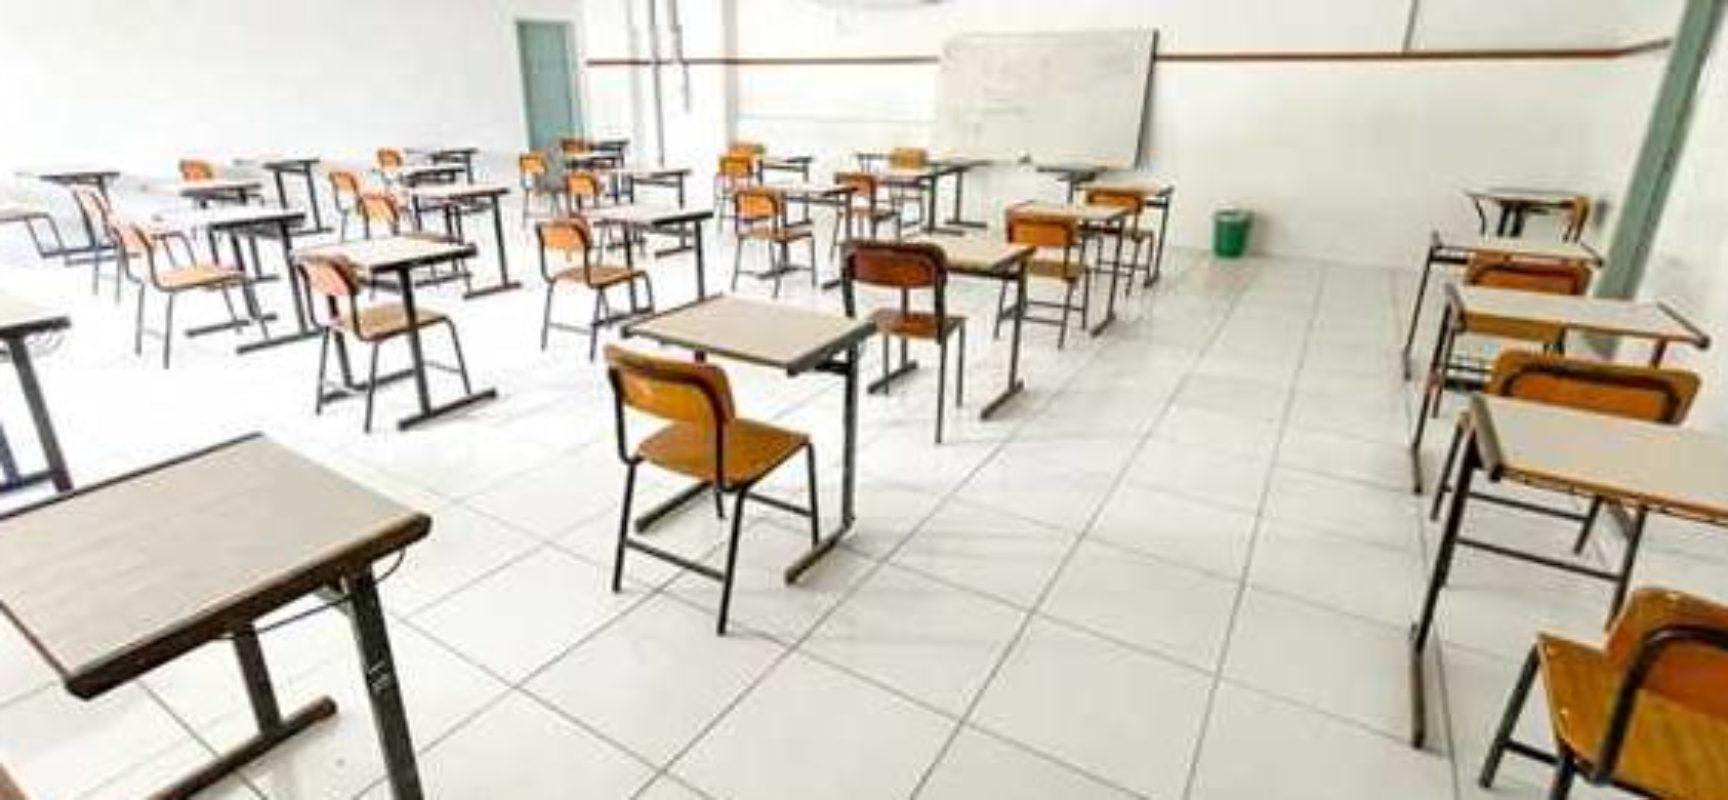 Seduc realiza plantão pedagógico para retirada de material de estudo a partir desta segunda (29)